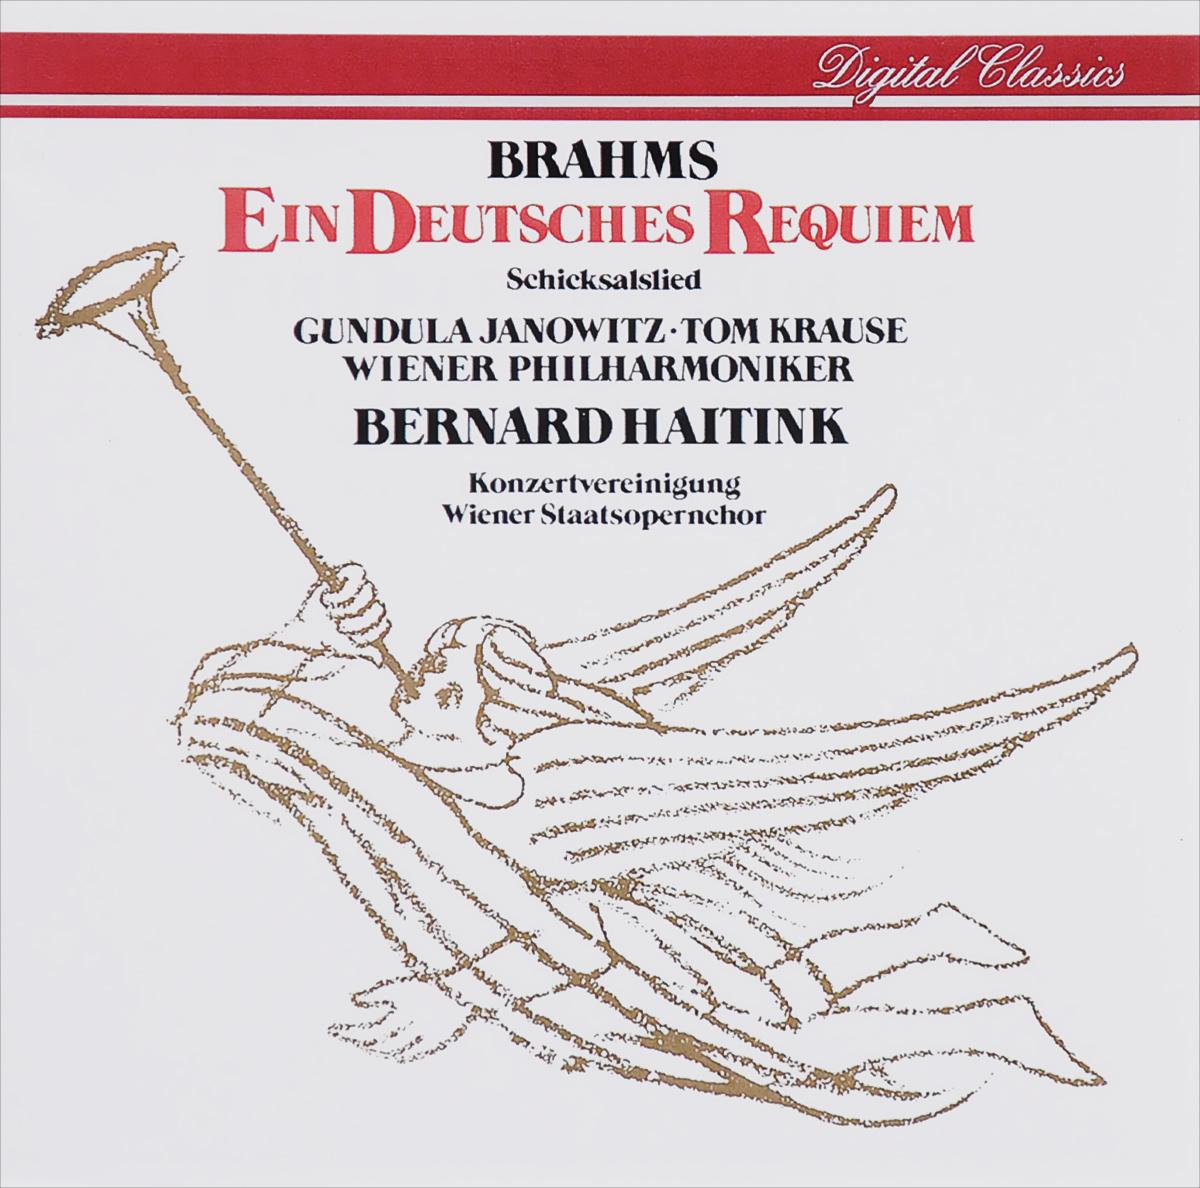 Издание содержит 28-страничный буклет с дополнительной информацией на английском, немецком и французском языках.